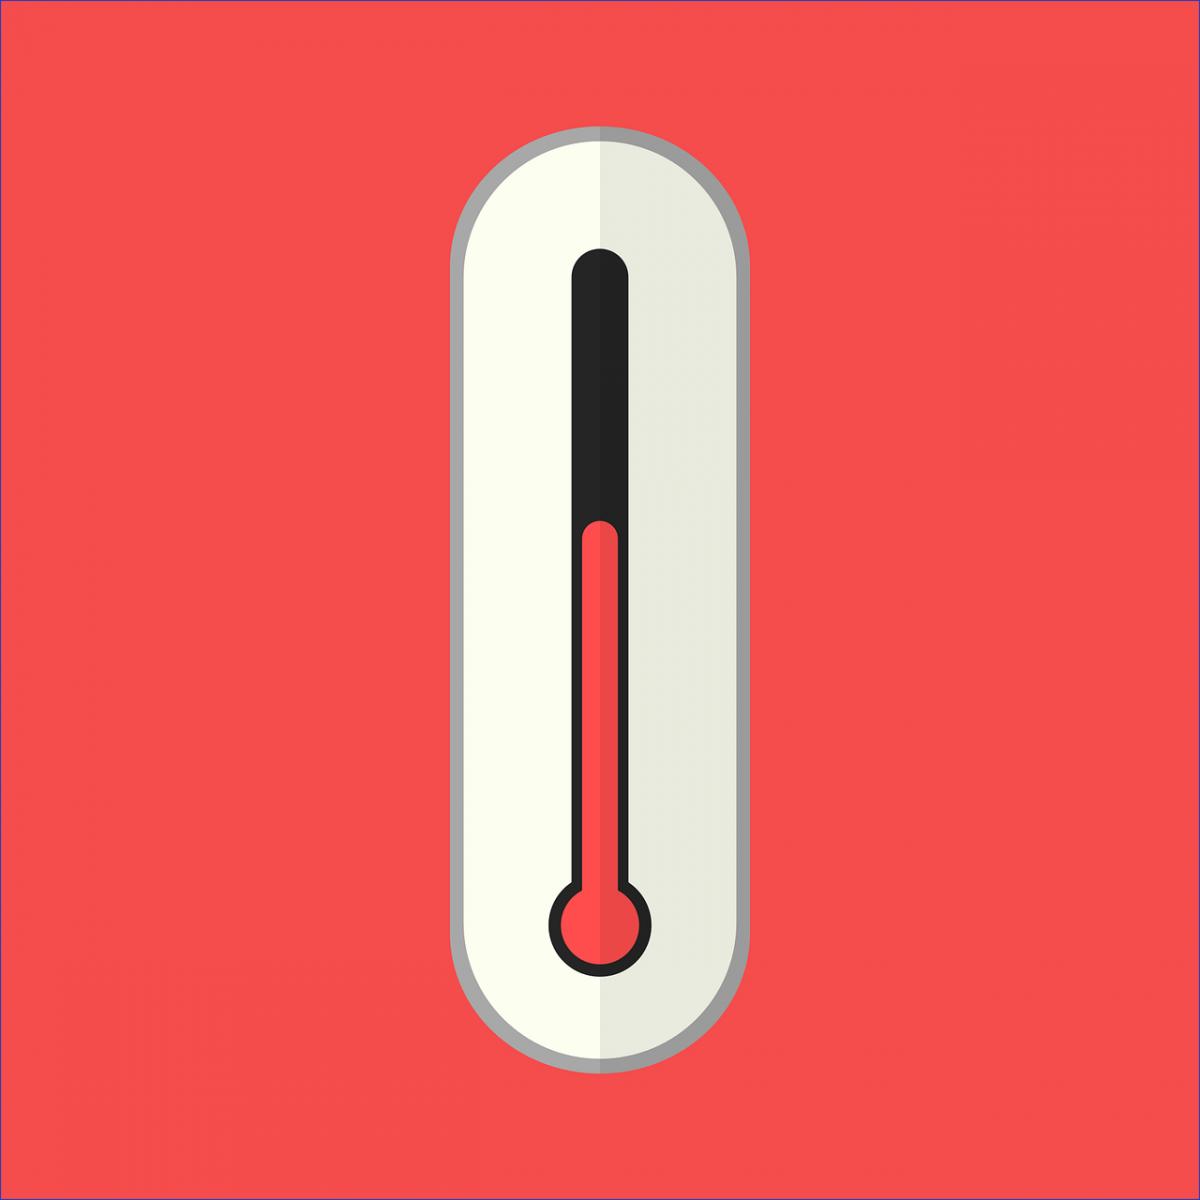 Ohrthermometer Ratgeber für den Kauf & Test Tipps